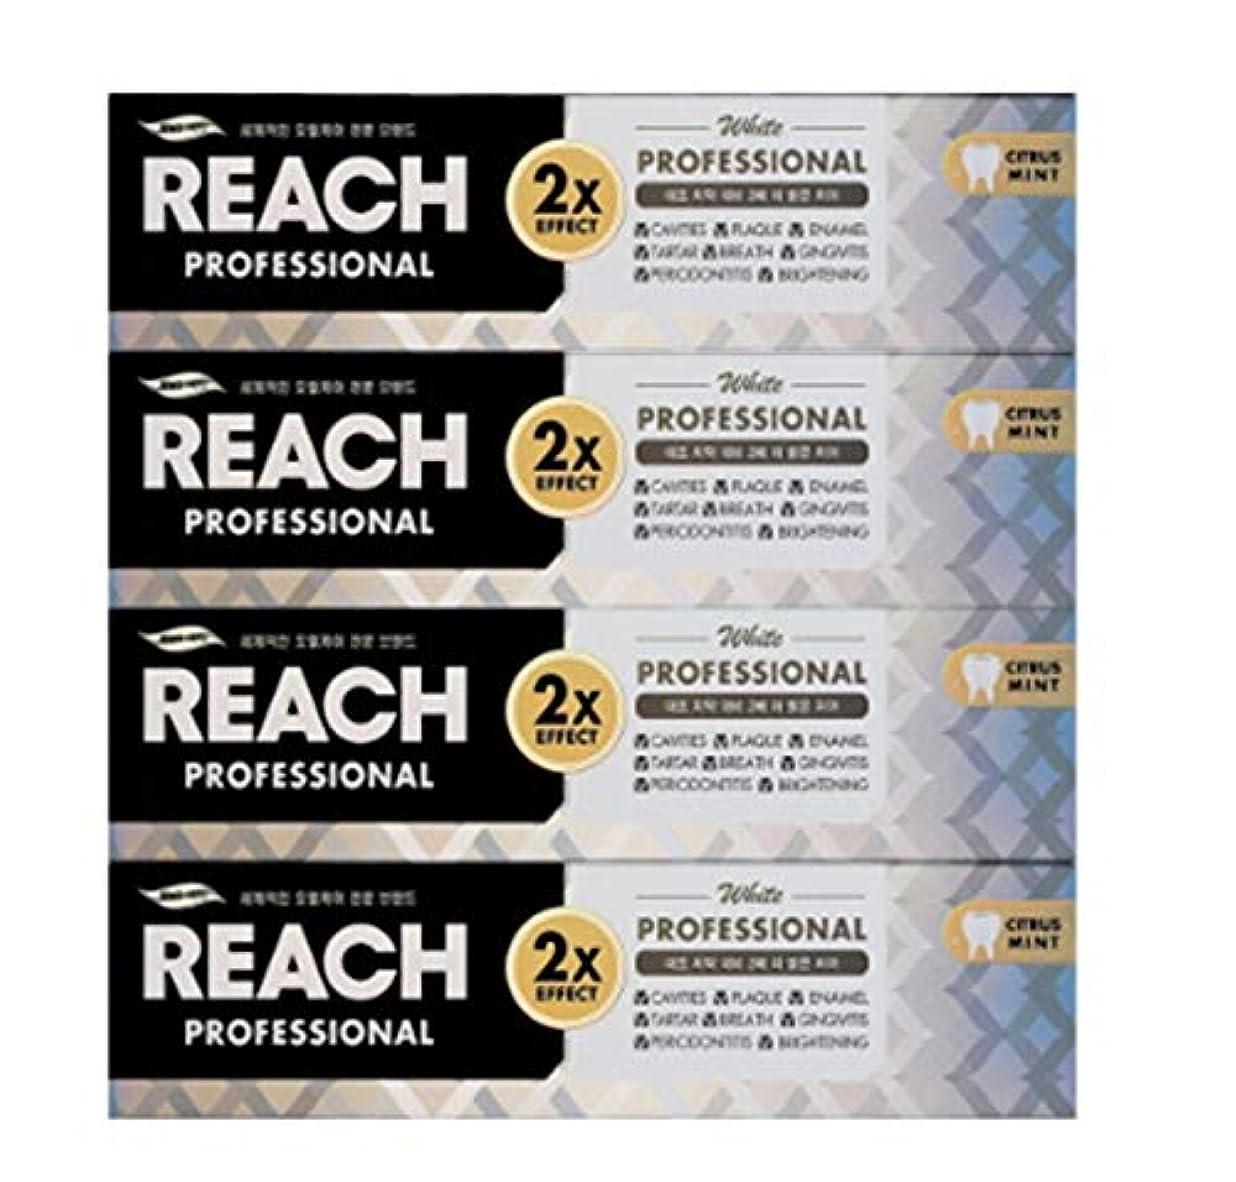 待つシールドコンピューター[LG生活と健康] LG Rich Professional toothpaste whiteningリッチ、プロフェッショナル歯磨き粉ホワイトニング120g*4つの(海外直送品)